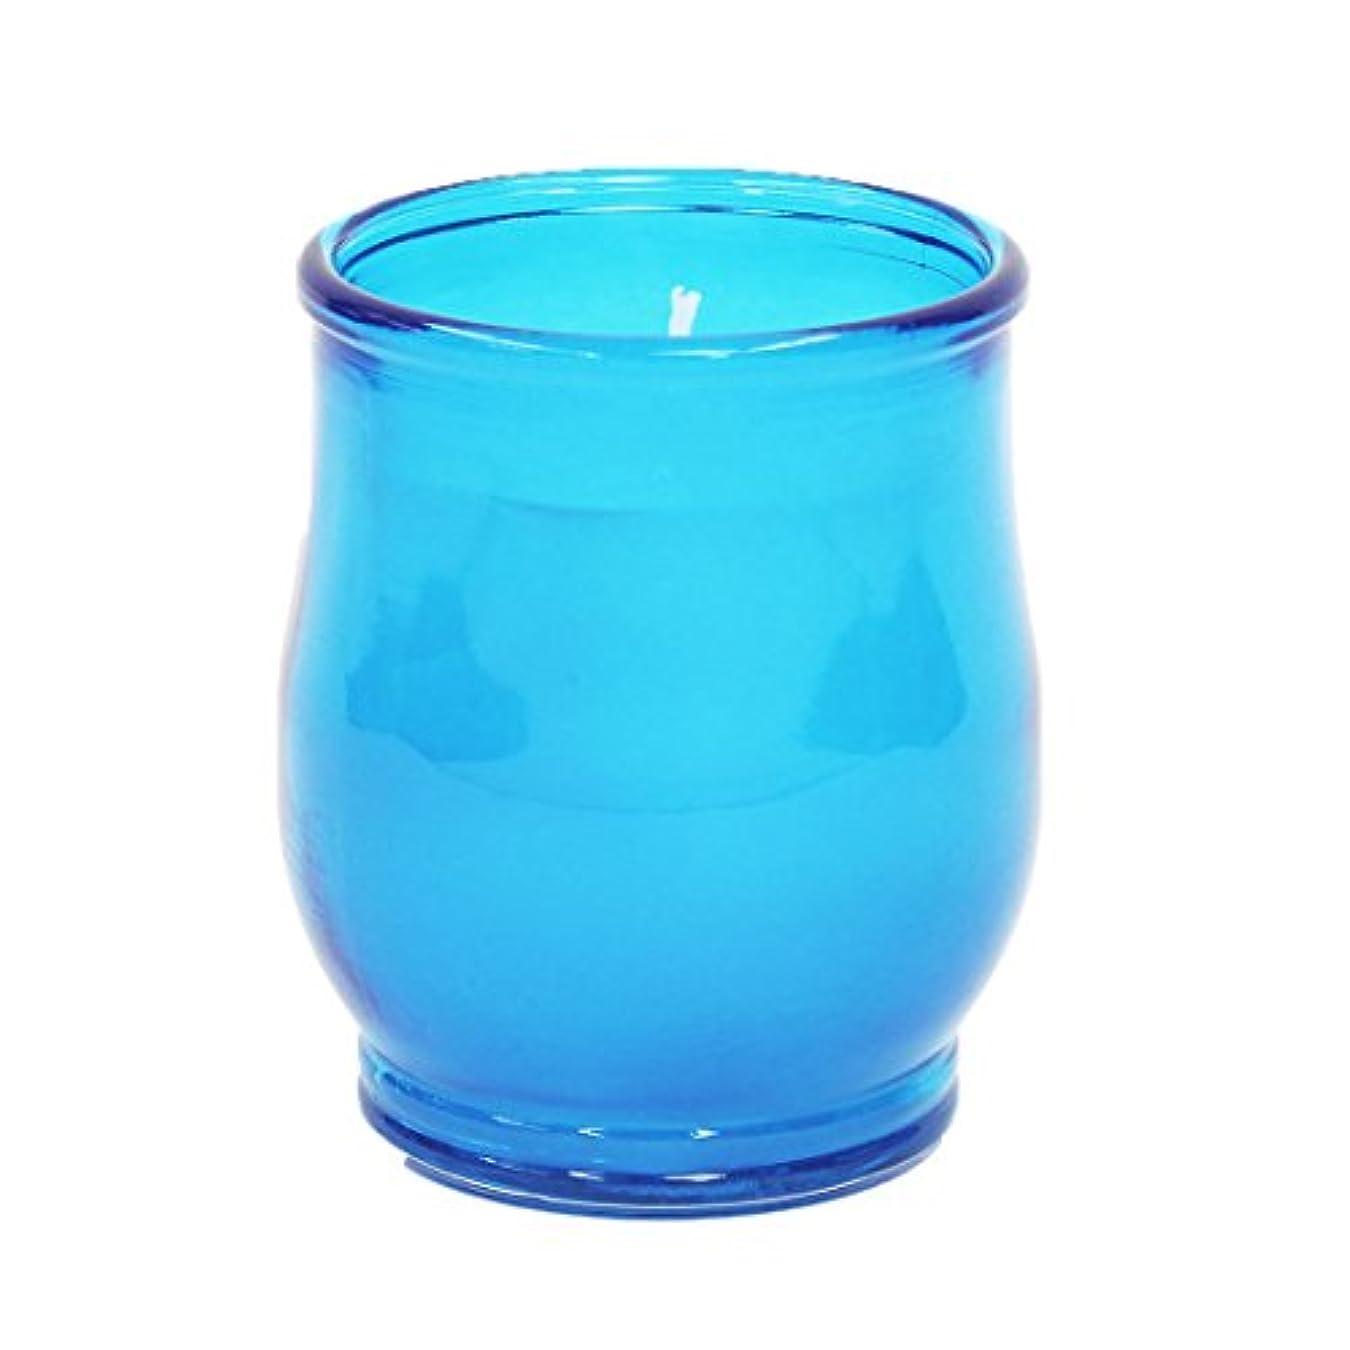 きしむ凍る支払いポシェ(非常用コップローソク) 「 ブルー 」